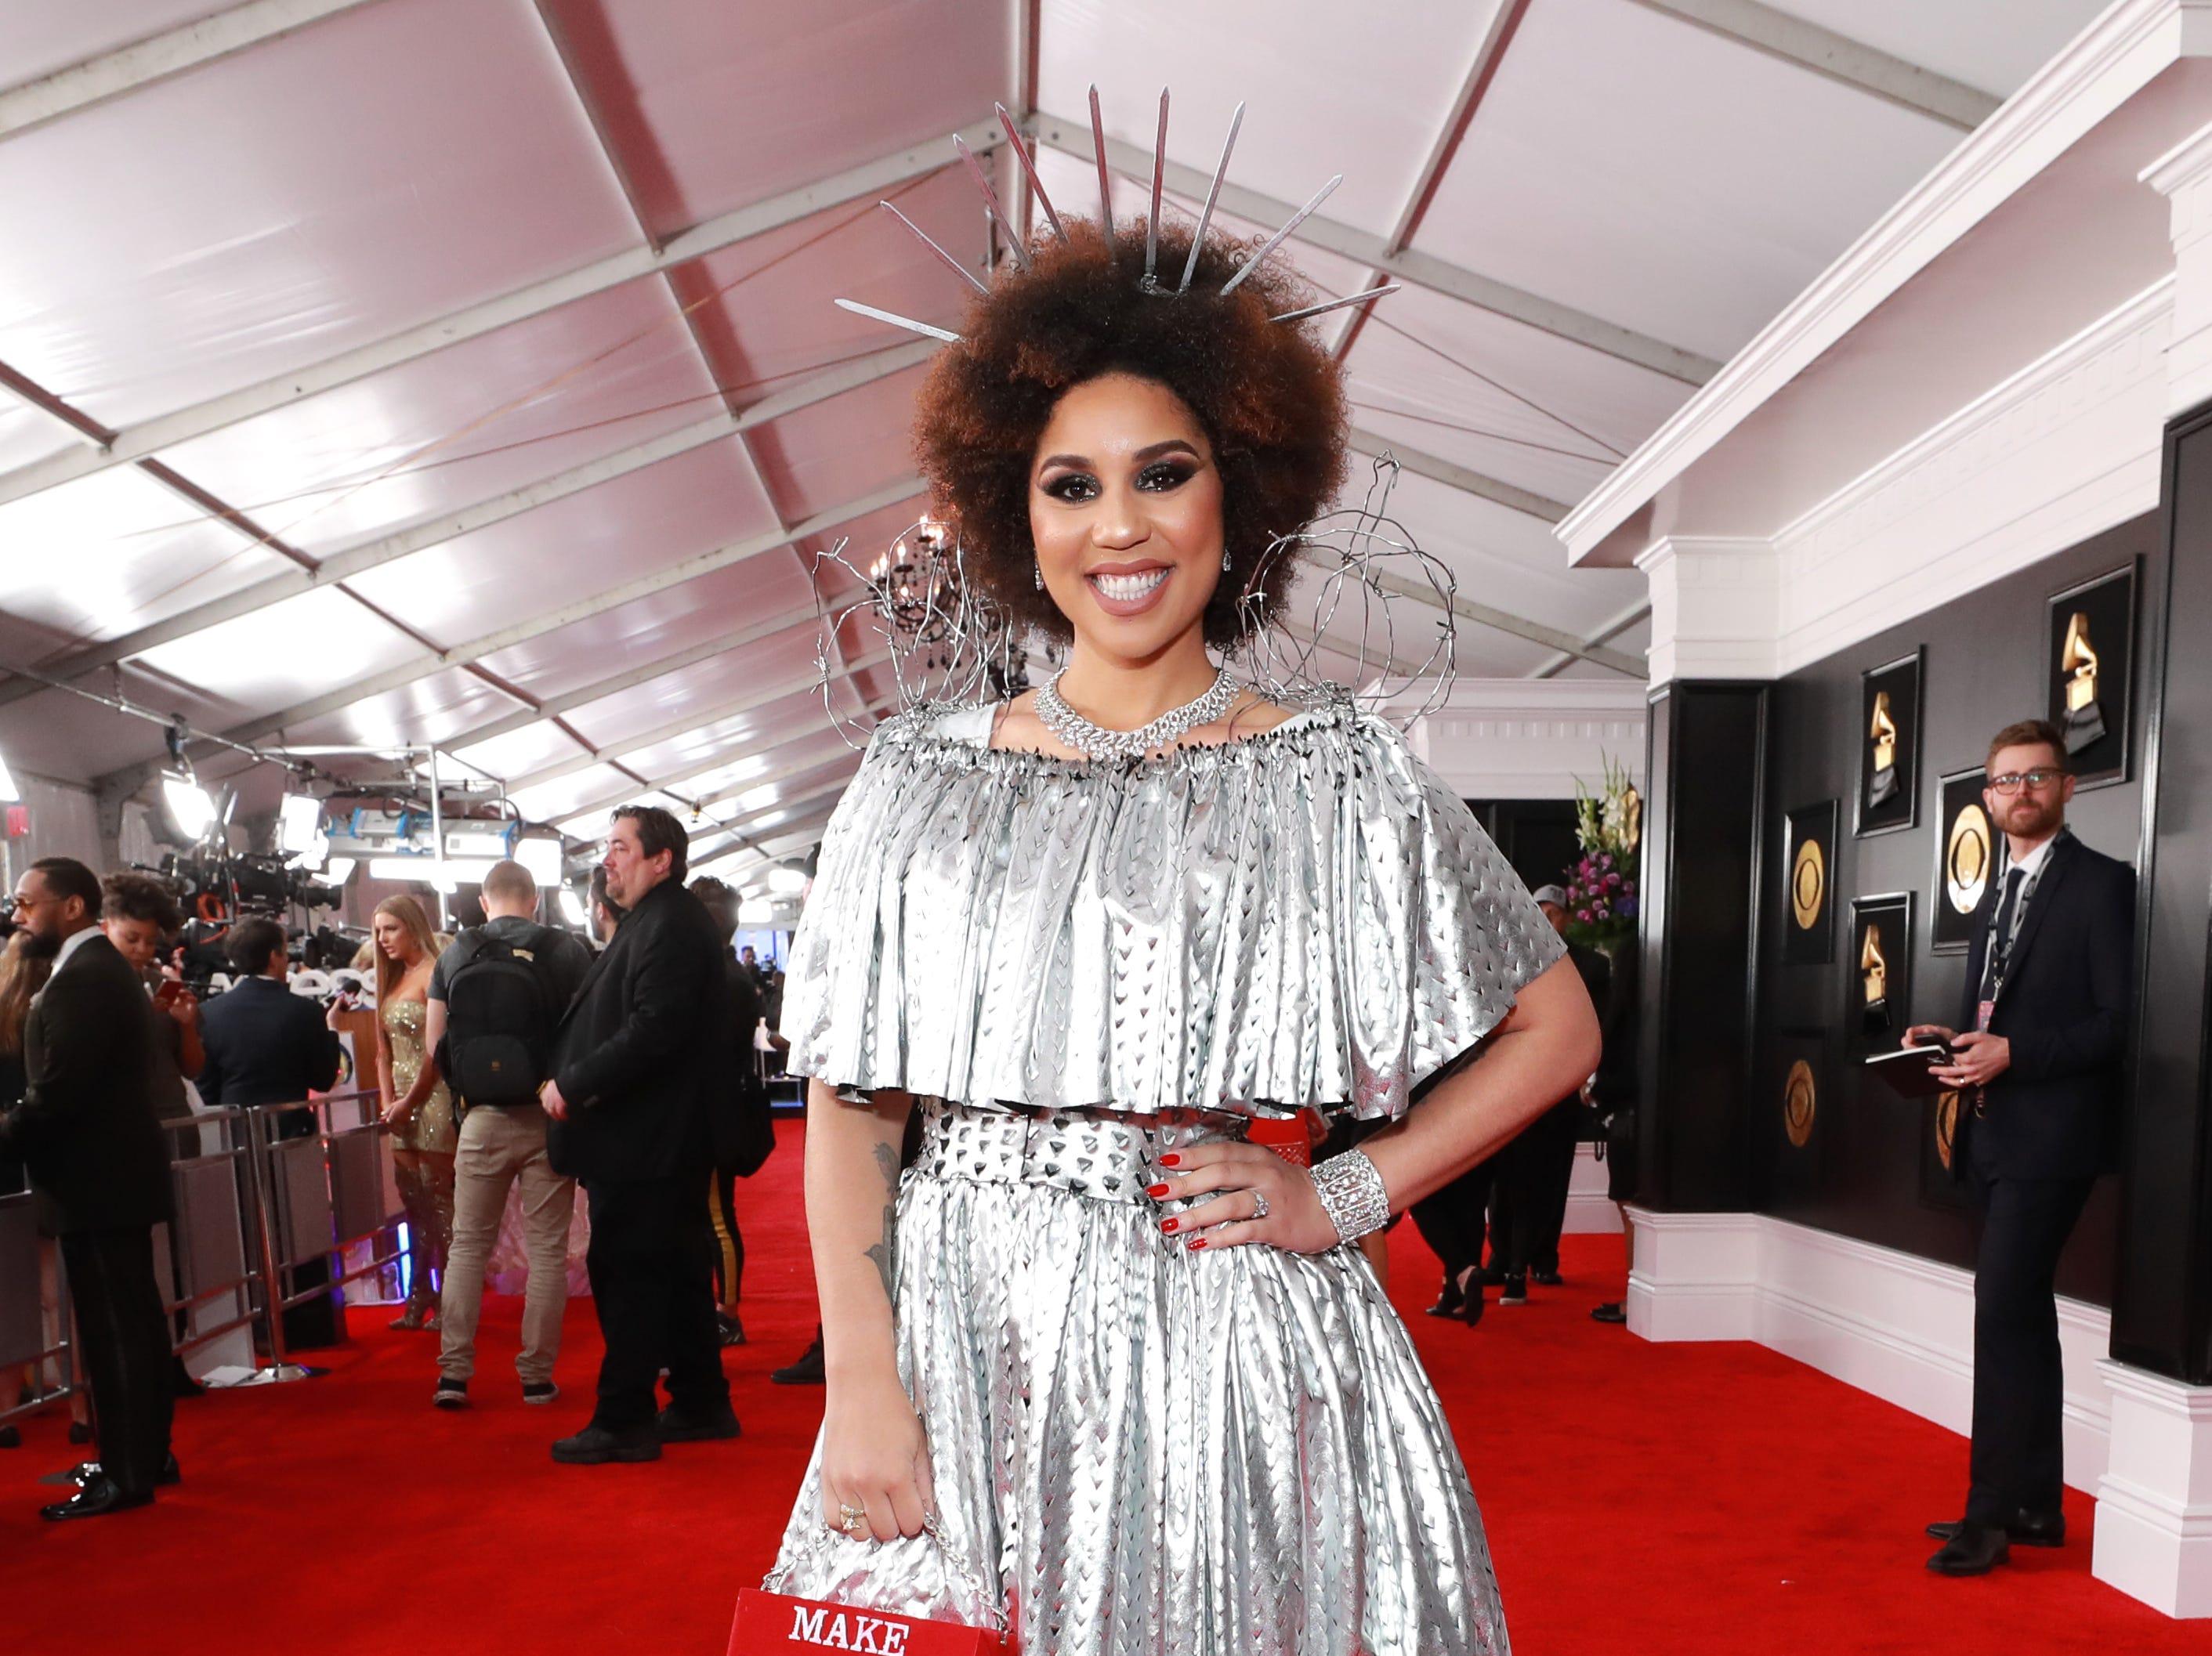 Joy Villa asisten a la 61ª edición de los premios GRAMMY en el Staples Center el 10 de febrero de 2019 en Los Ángeles, California.